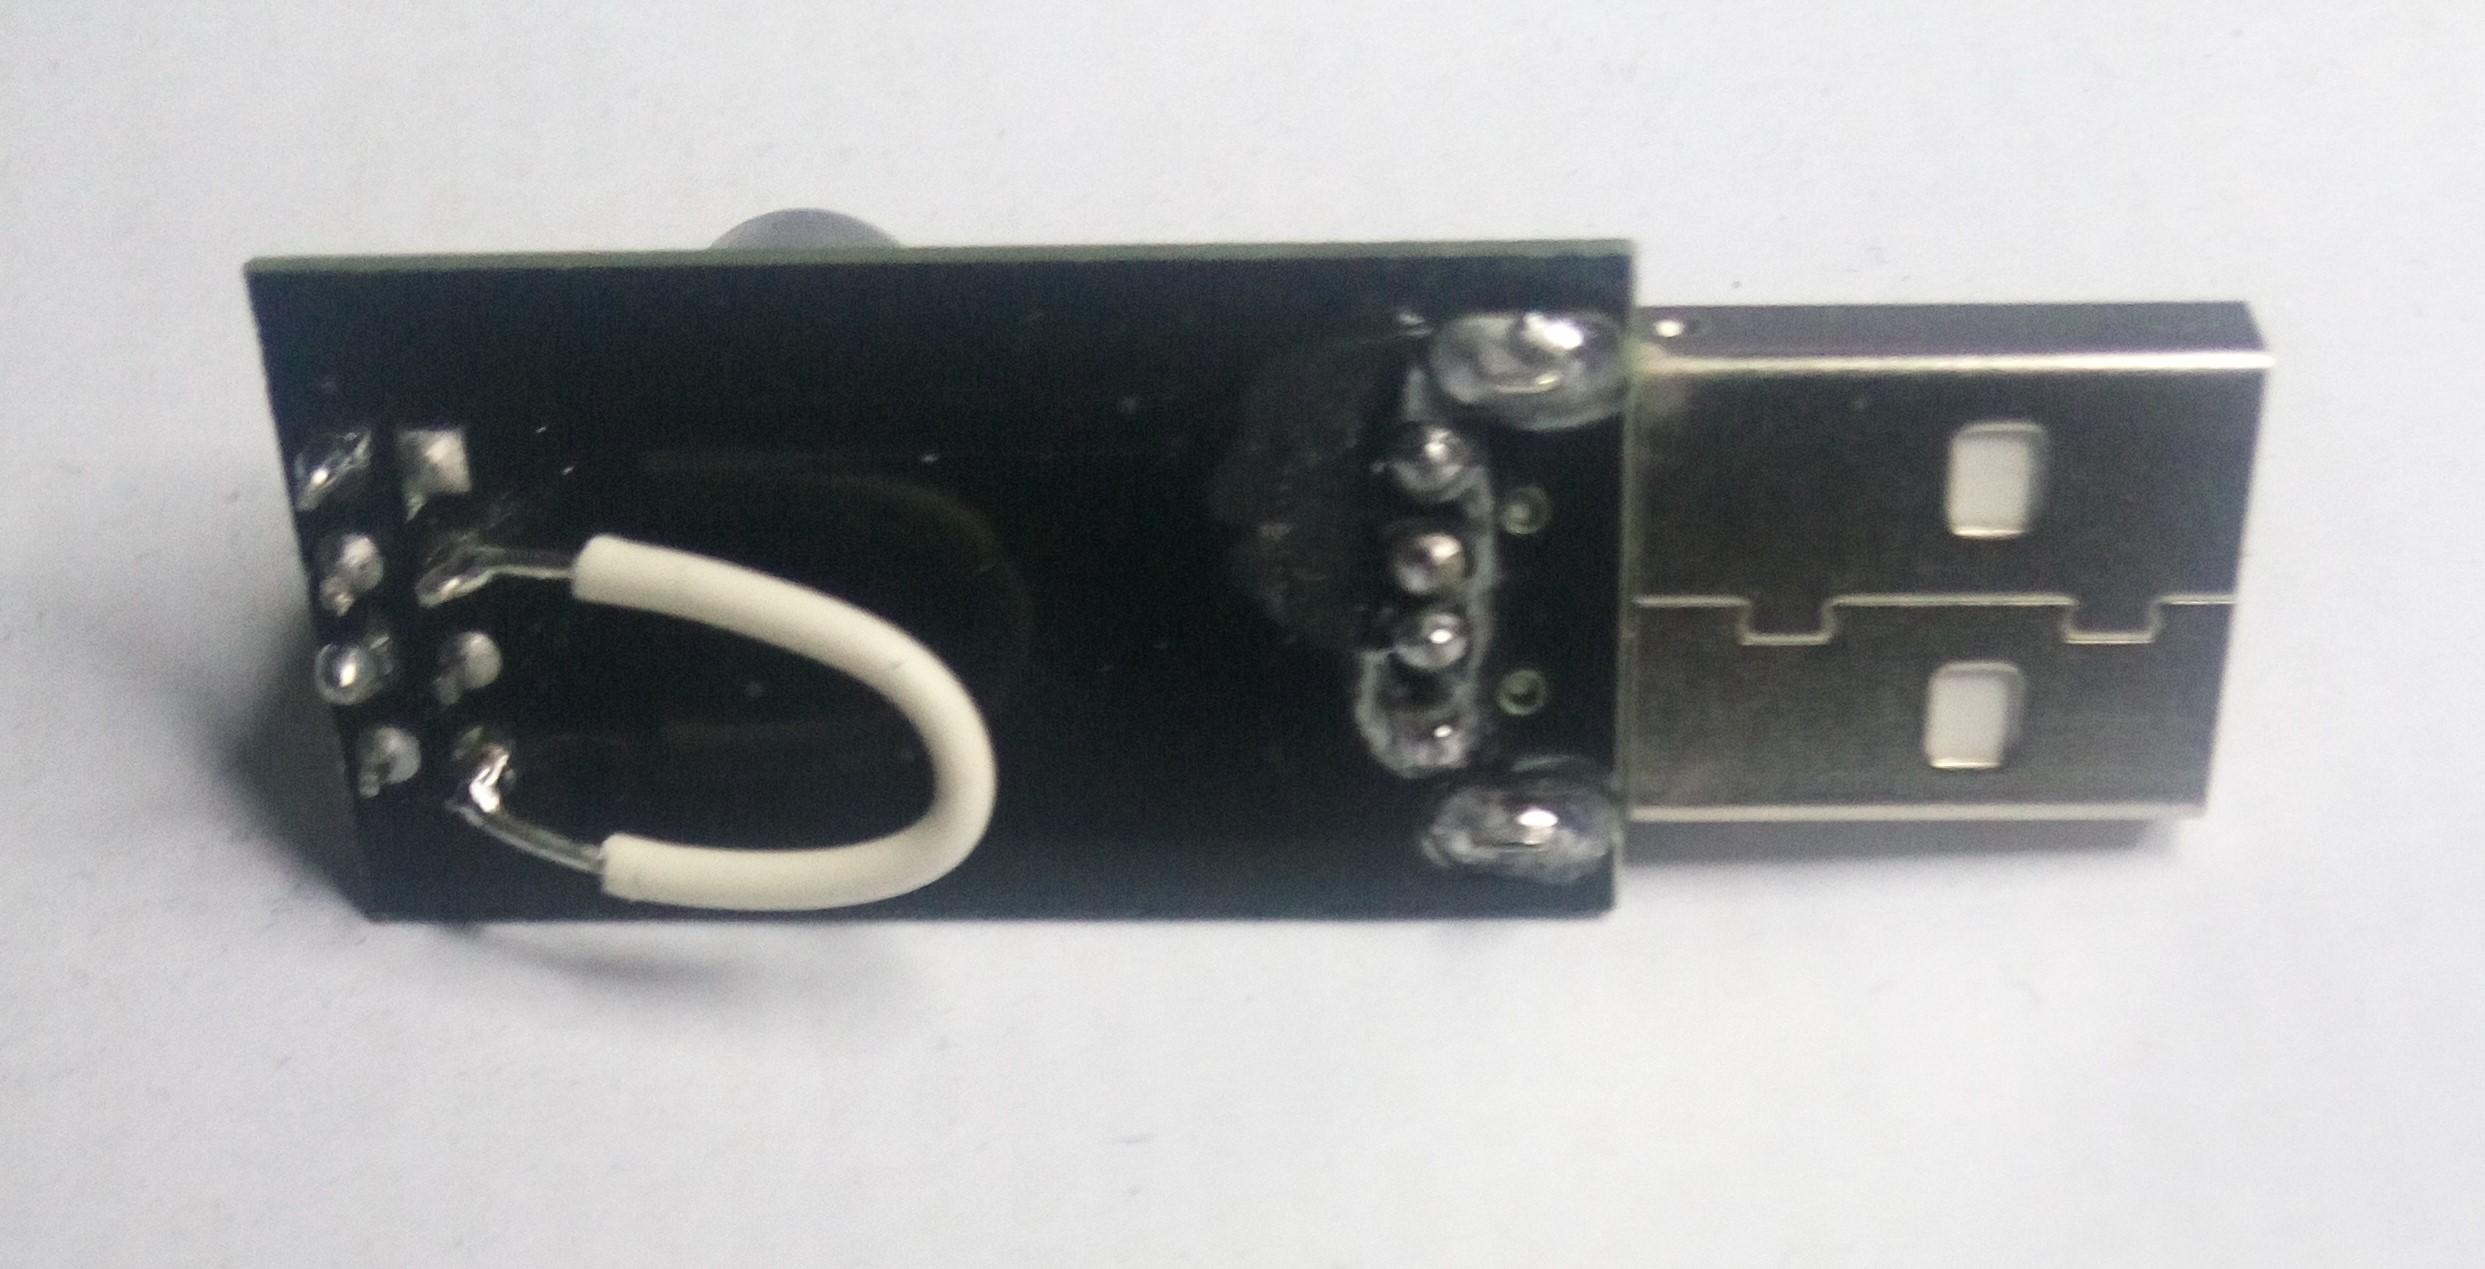 Detalle del cable soldado